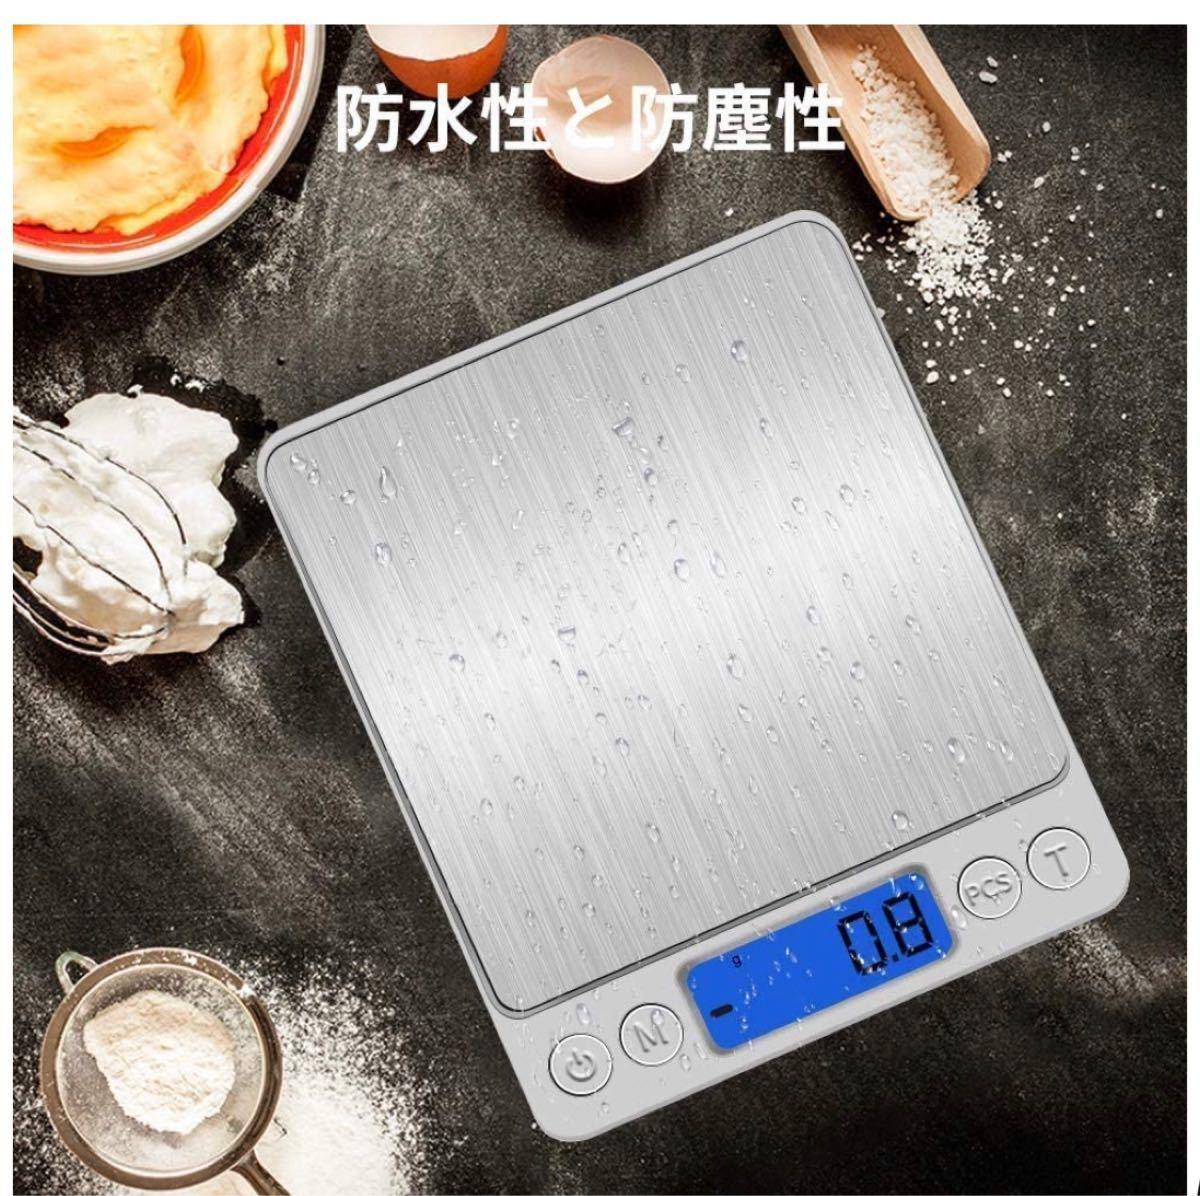 デジタルスケール キッチンスケール 乾電池 電子計量器 電子はかり 精密スケール